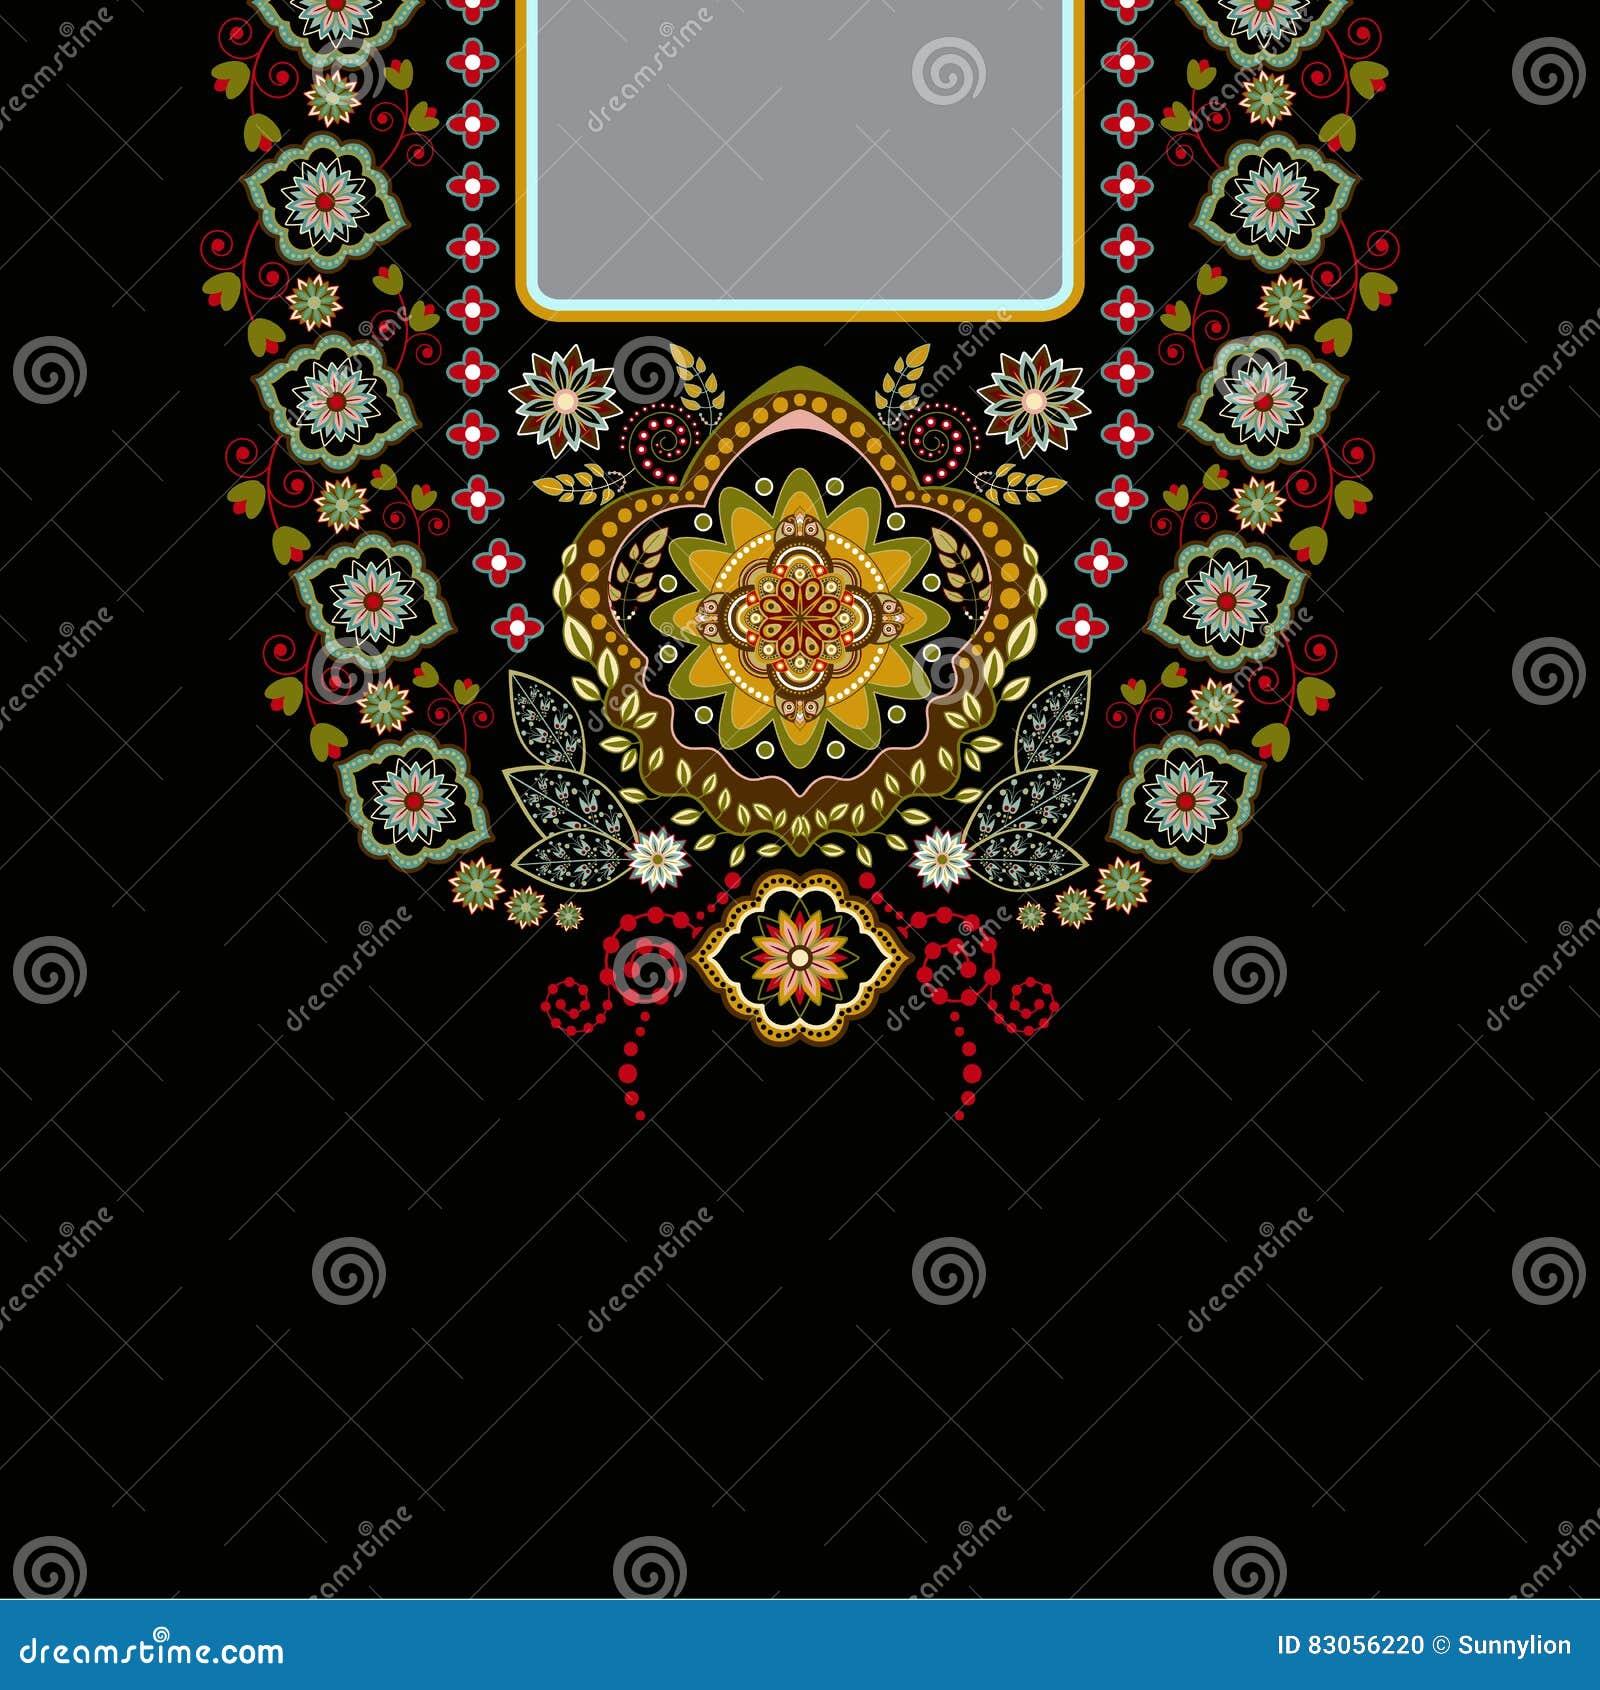 Διανυσματικό σχέδιο για τα πουκάμισα περιλαίμιων, μπλούζες, μπλούζα Λαιμός δύο λουλουδιών χρωμάτων εθνικός Διακοσμητικά σύνορα το